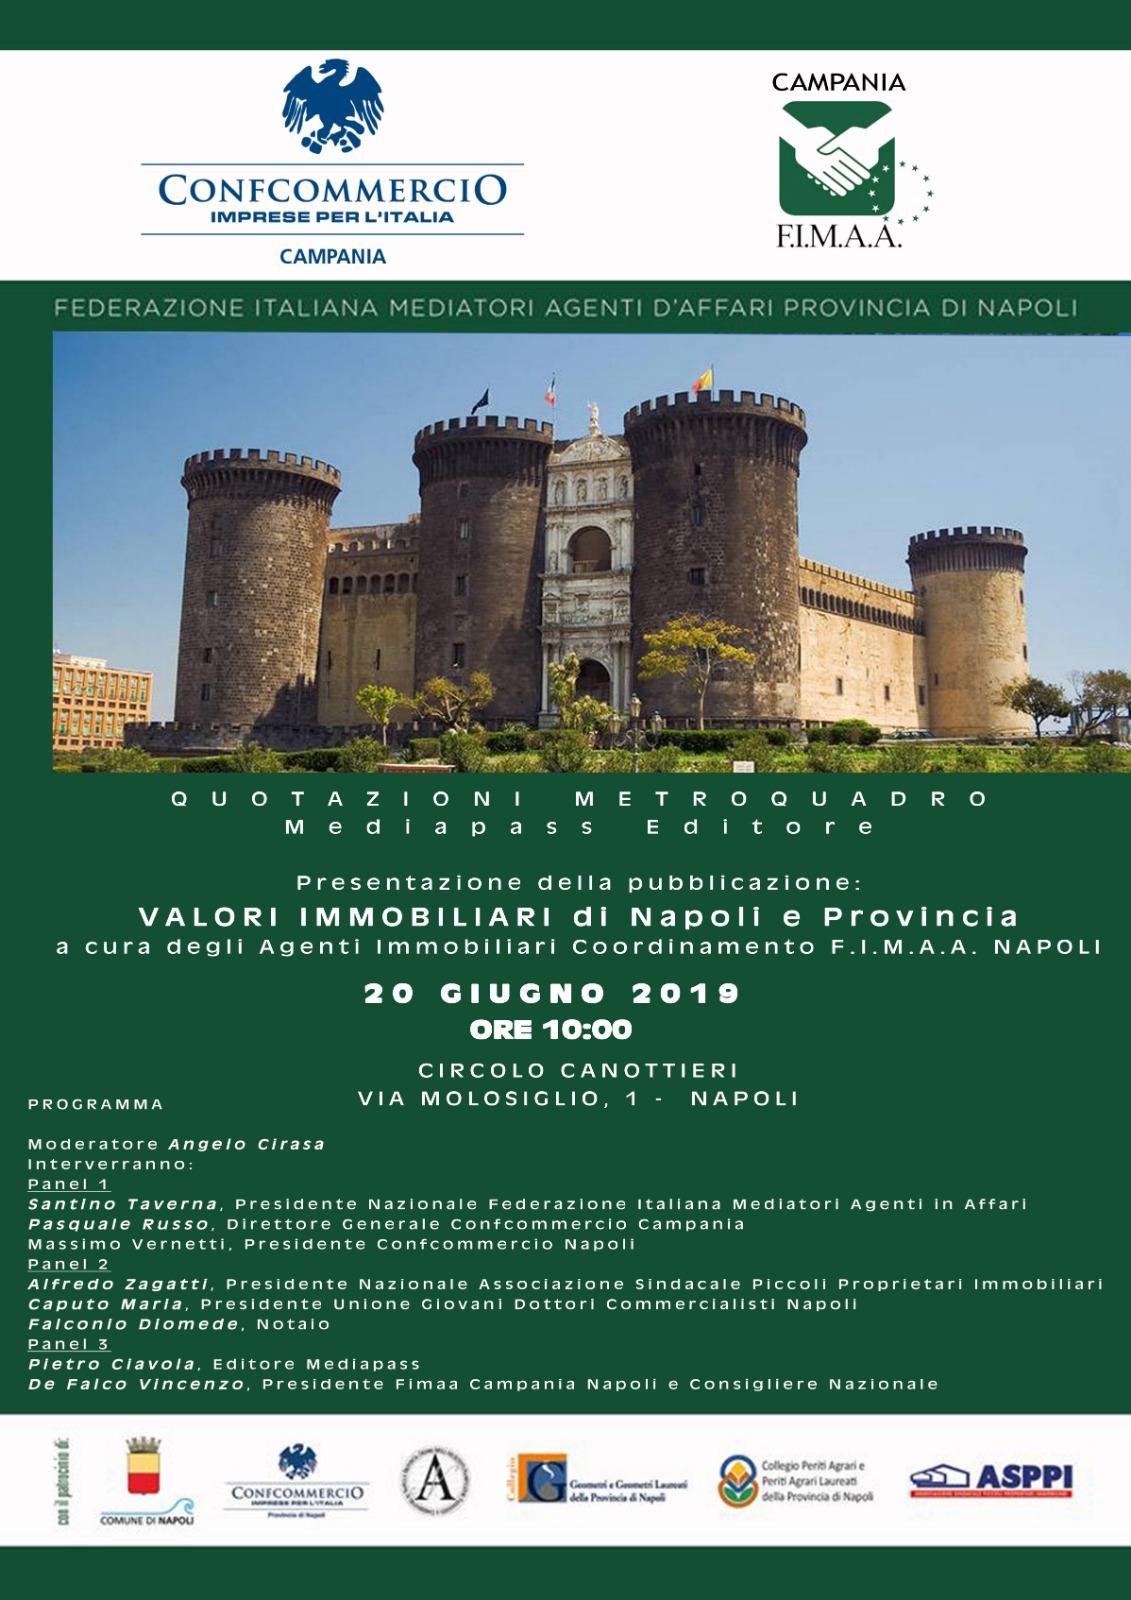 ASPPI Napoli 20 giugno 2019 ire 10.00 presso Circolo Canottieri in Via Molosiglio 1 Valori immobiliari di Napoli e Provincia